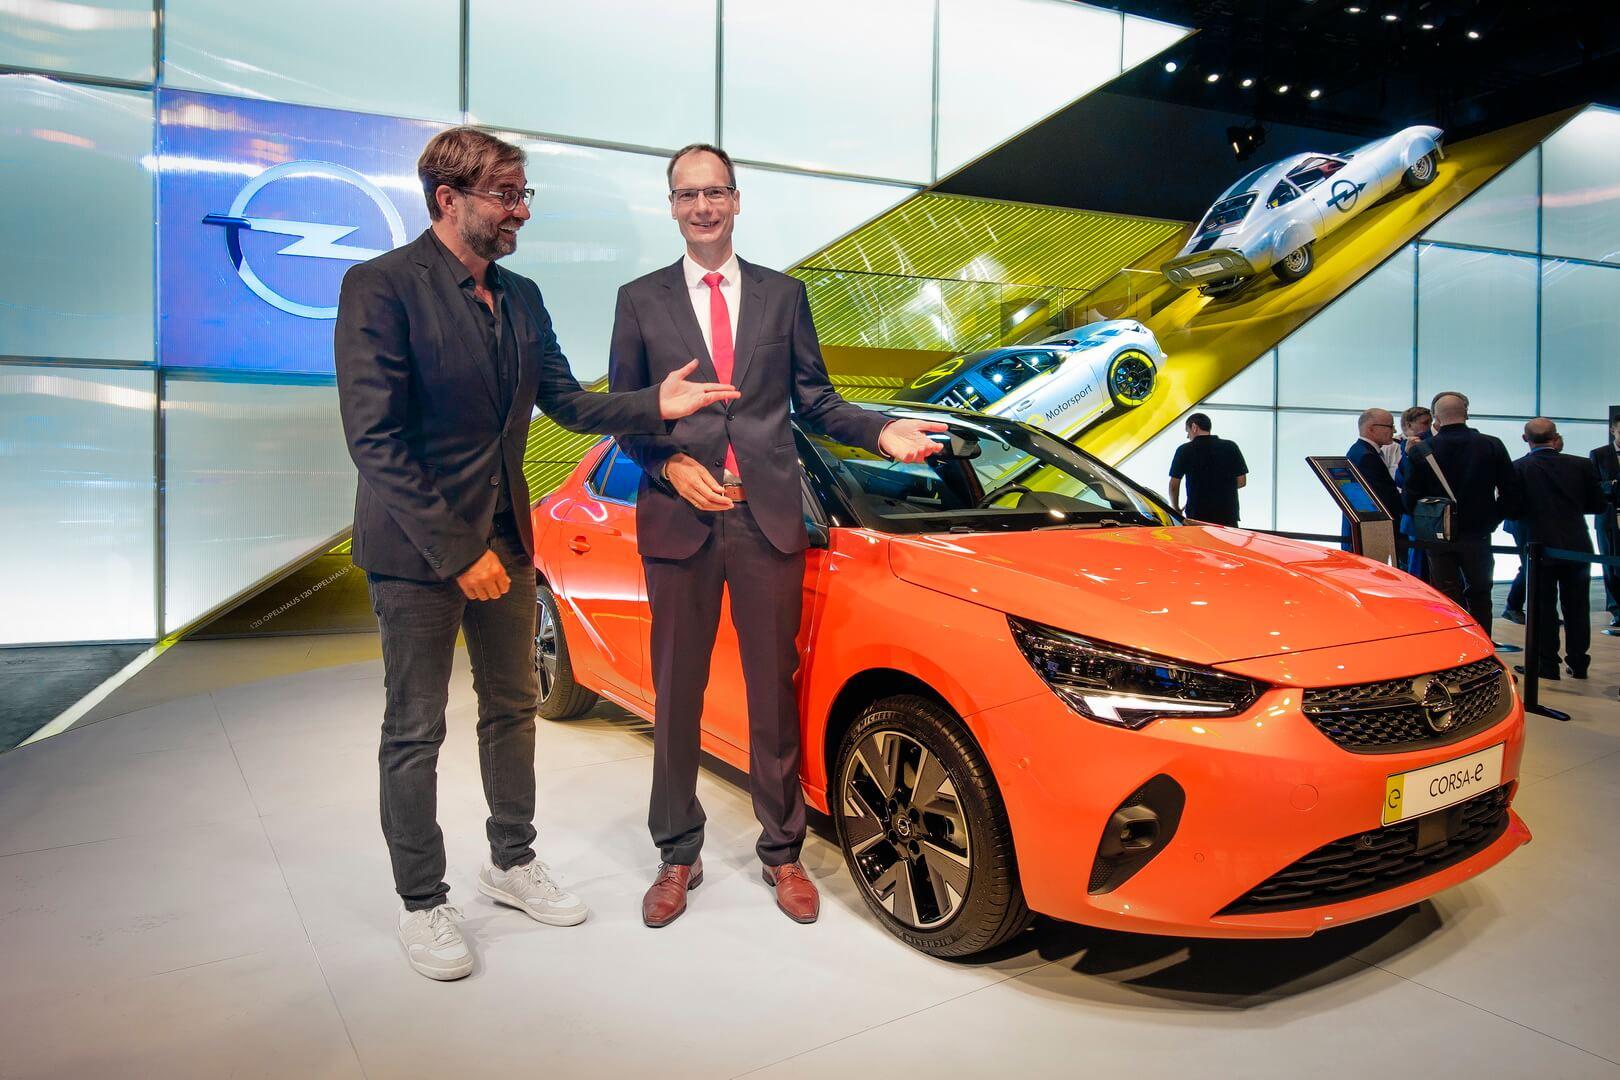 Босс Opel Михаэль Лошшеллер и Юрген Клопп на Международном автосалоне во Франкфурте